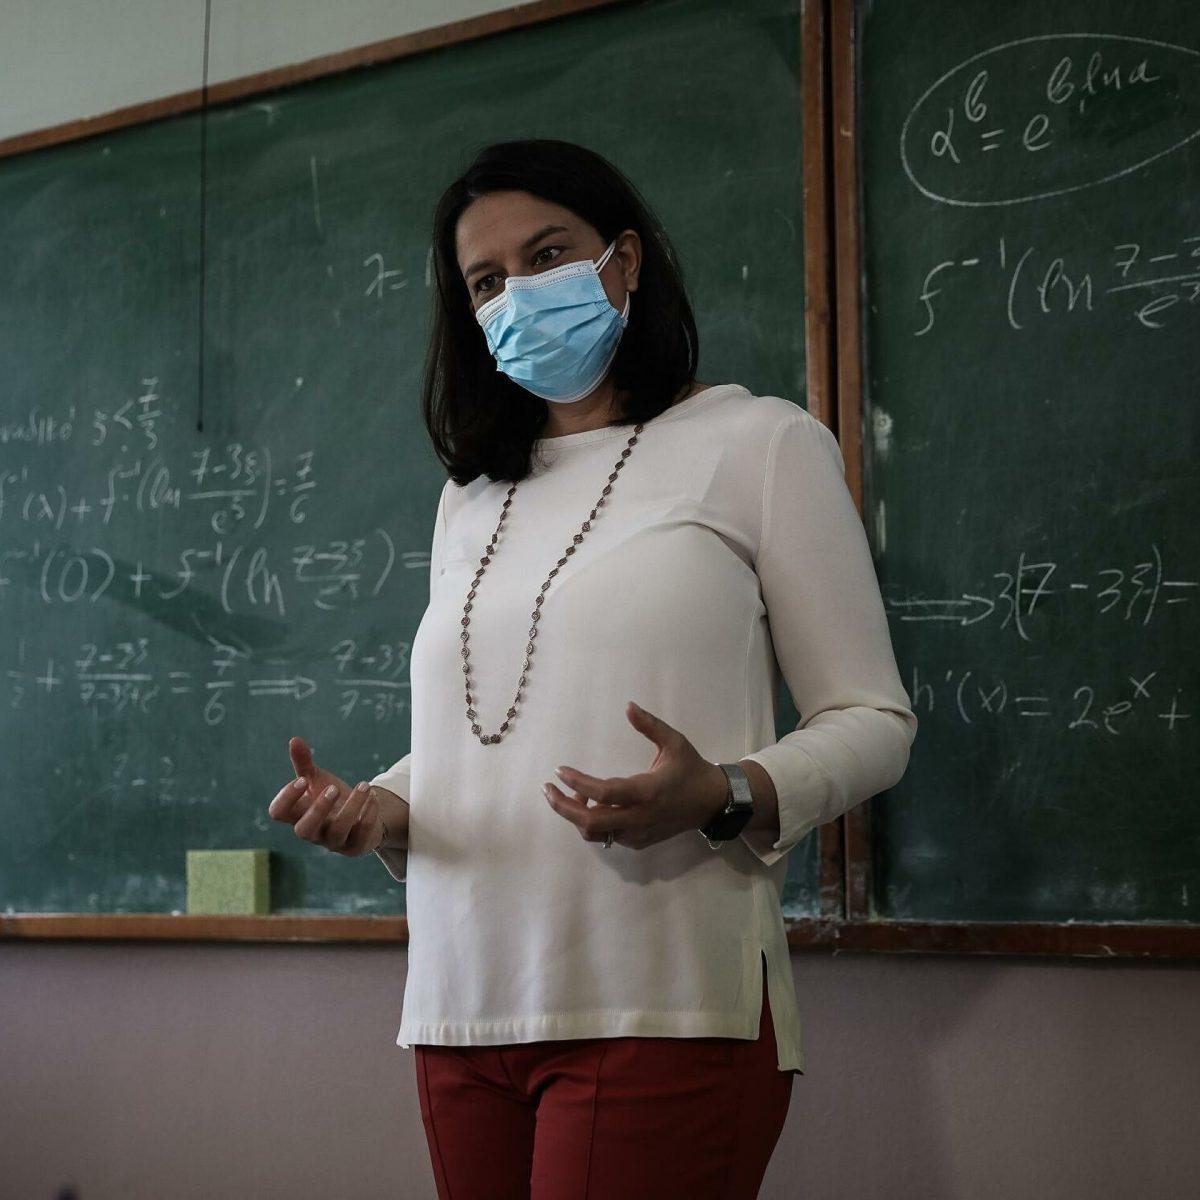 Κεραμέως: «Χρέος να κάνουμε το σχολείο καλύτερο για τα παιδιά μας και τους εκπαιδευτικούς μας»